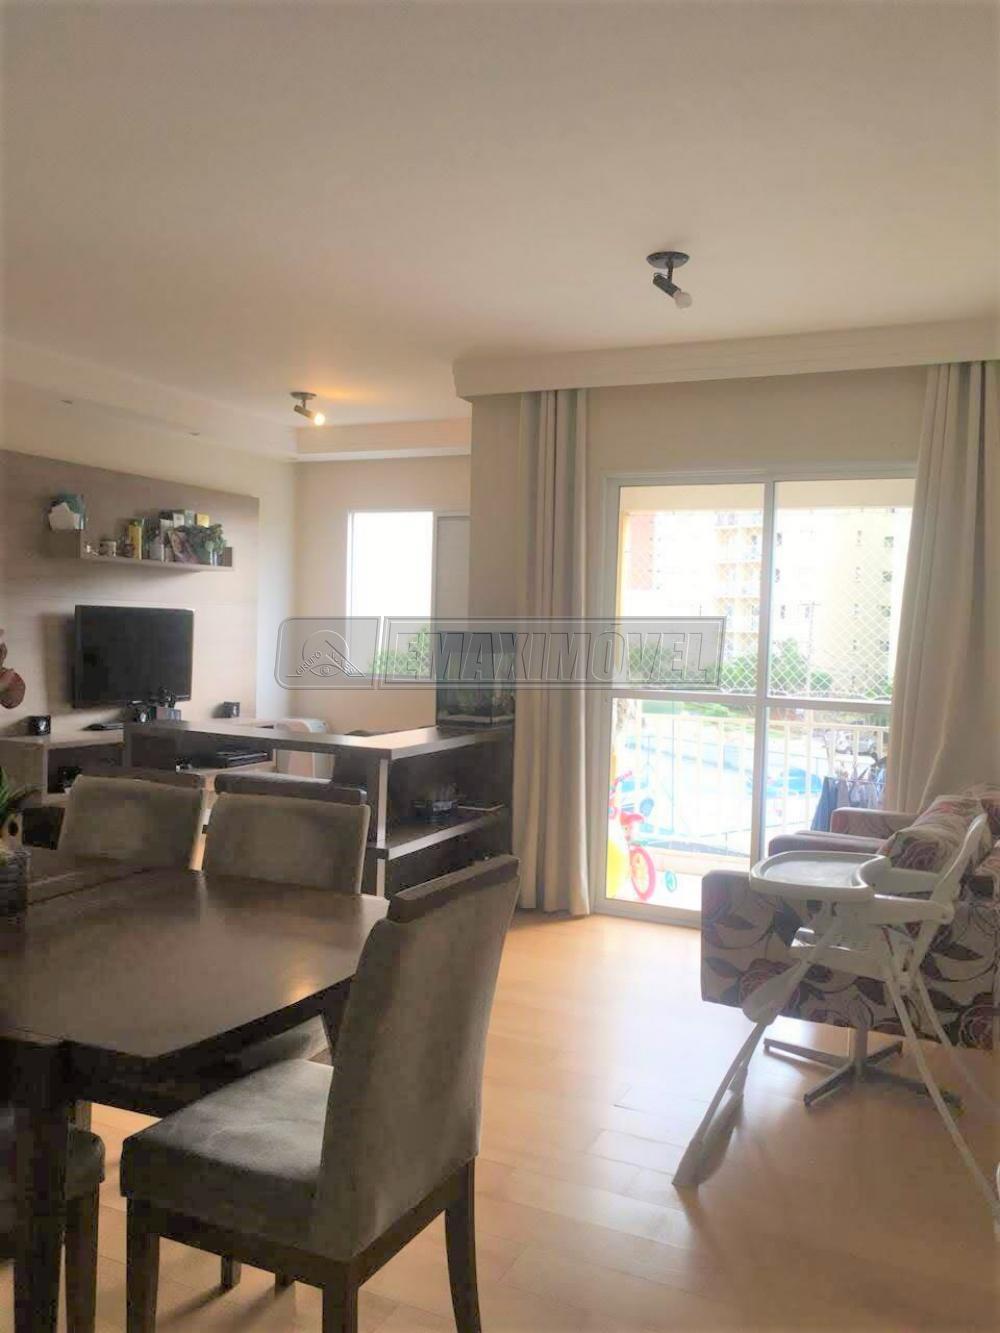 Comprar Apartamentos / Apto Padrão em Sorocaba apenas R$ 265.000,00 - Foto 3